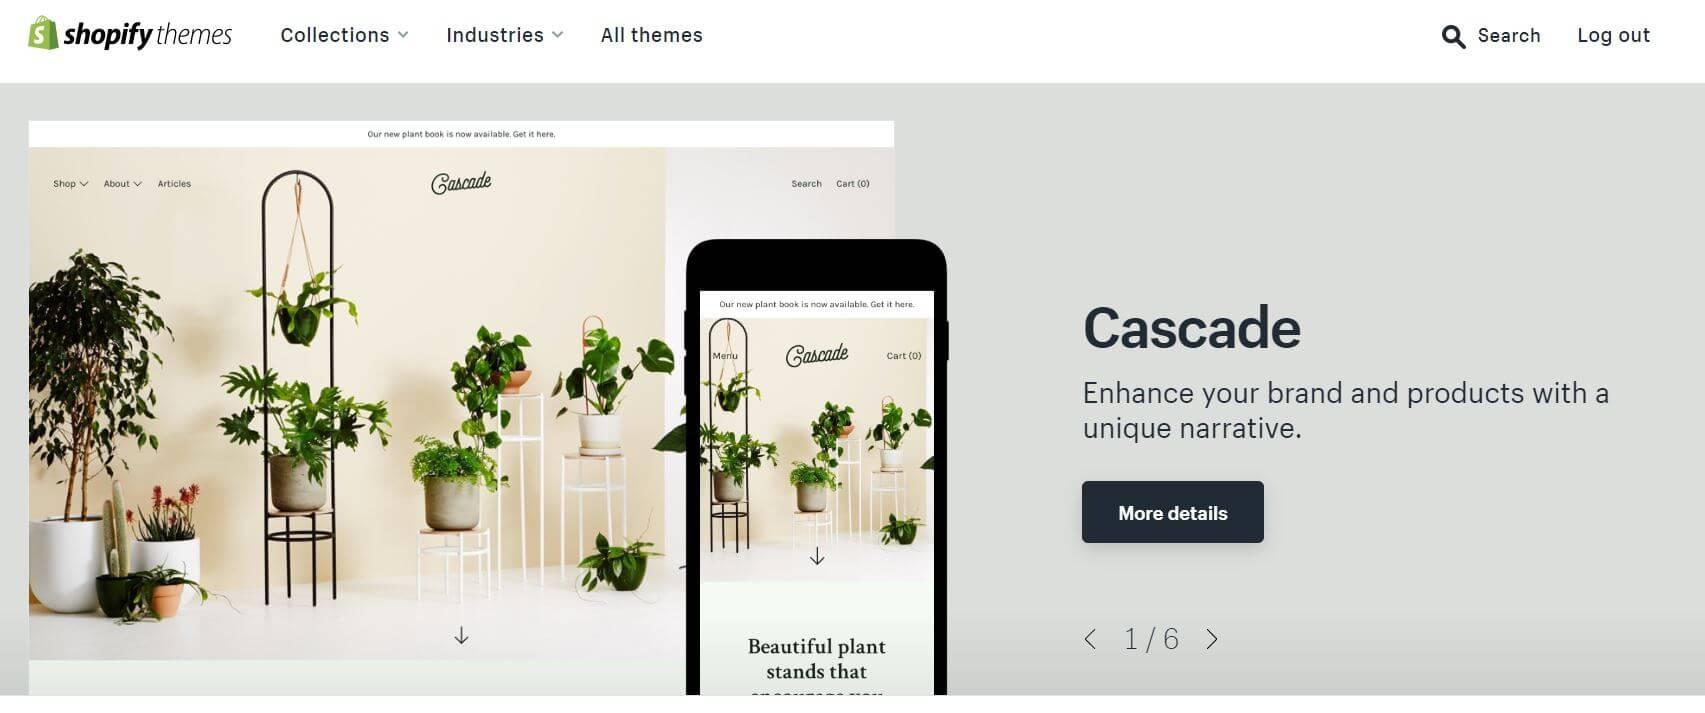 Choosing a Shopify theme